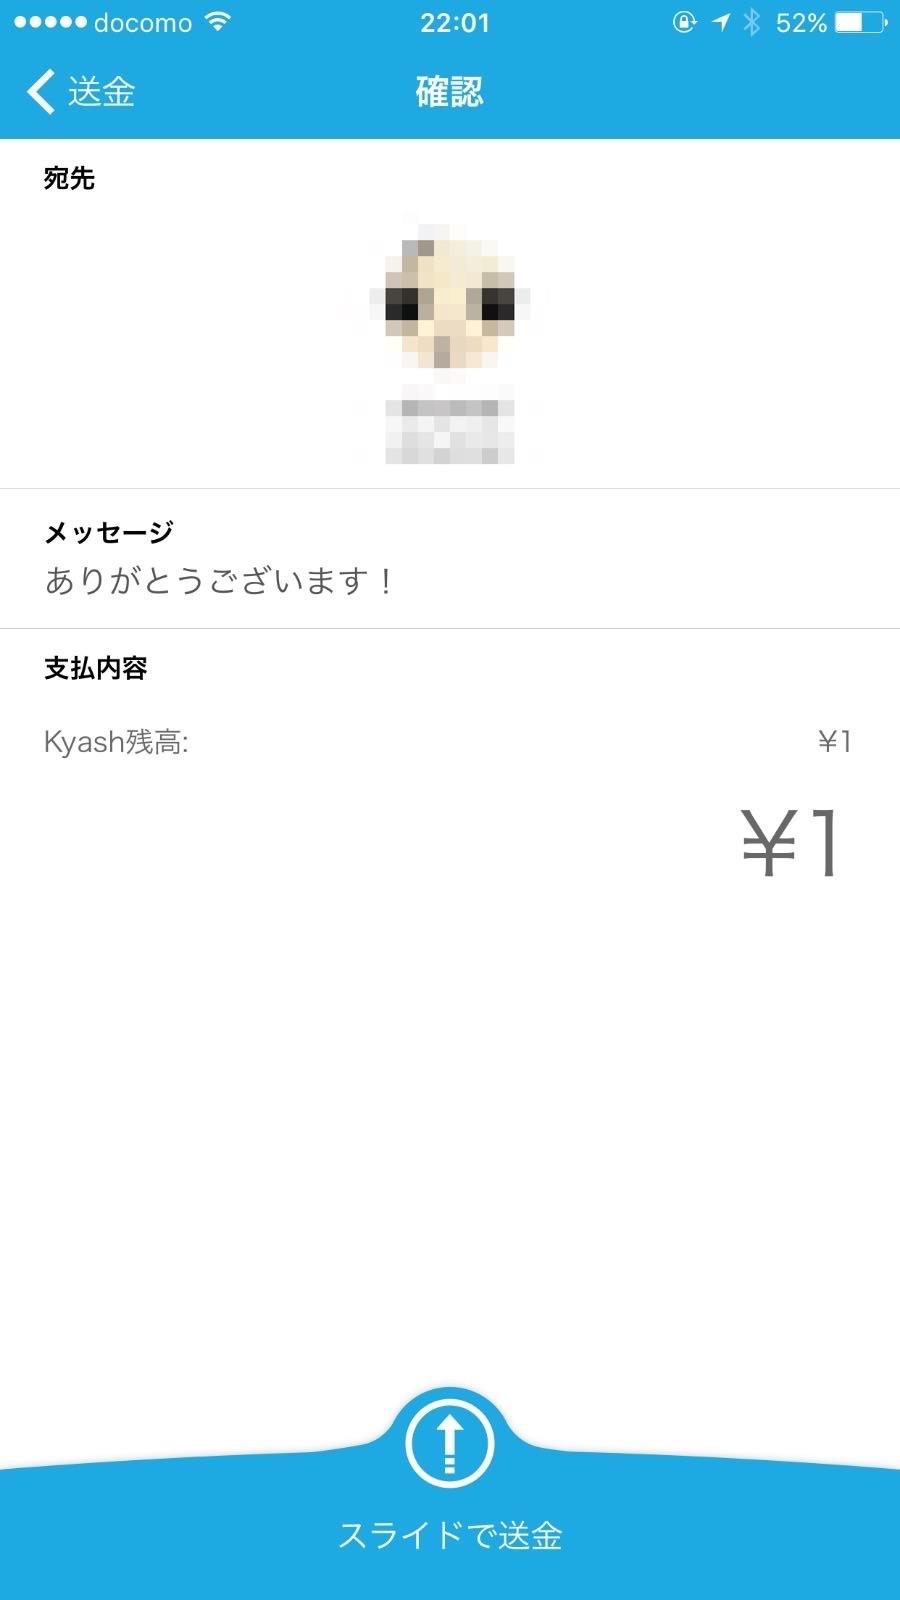 Kyash 9382